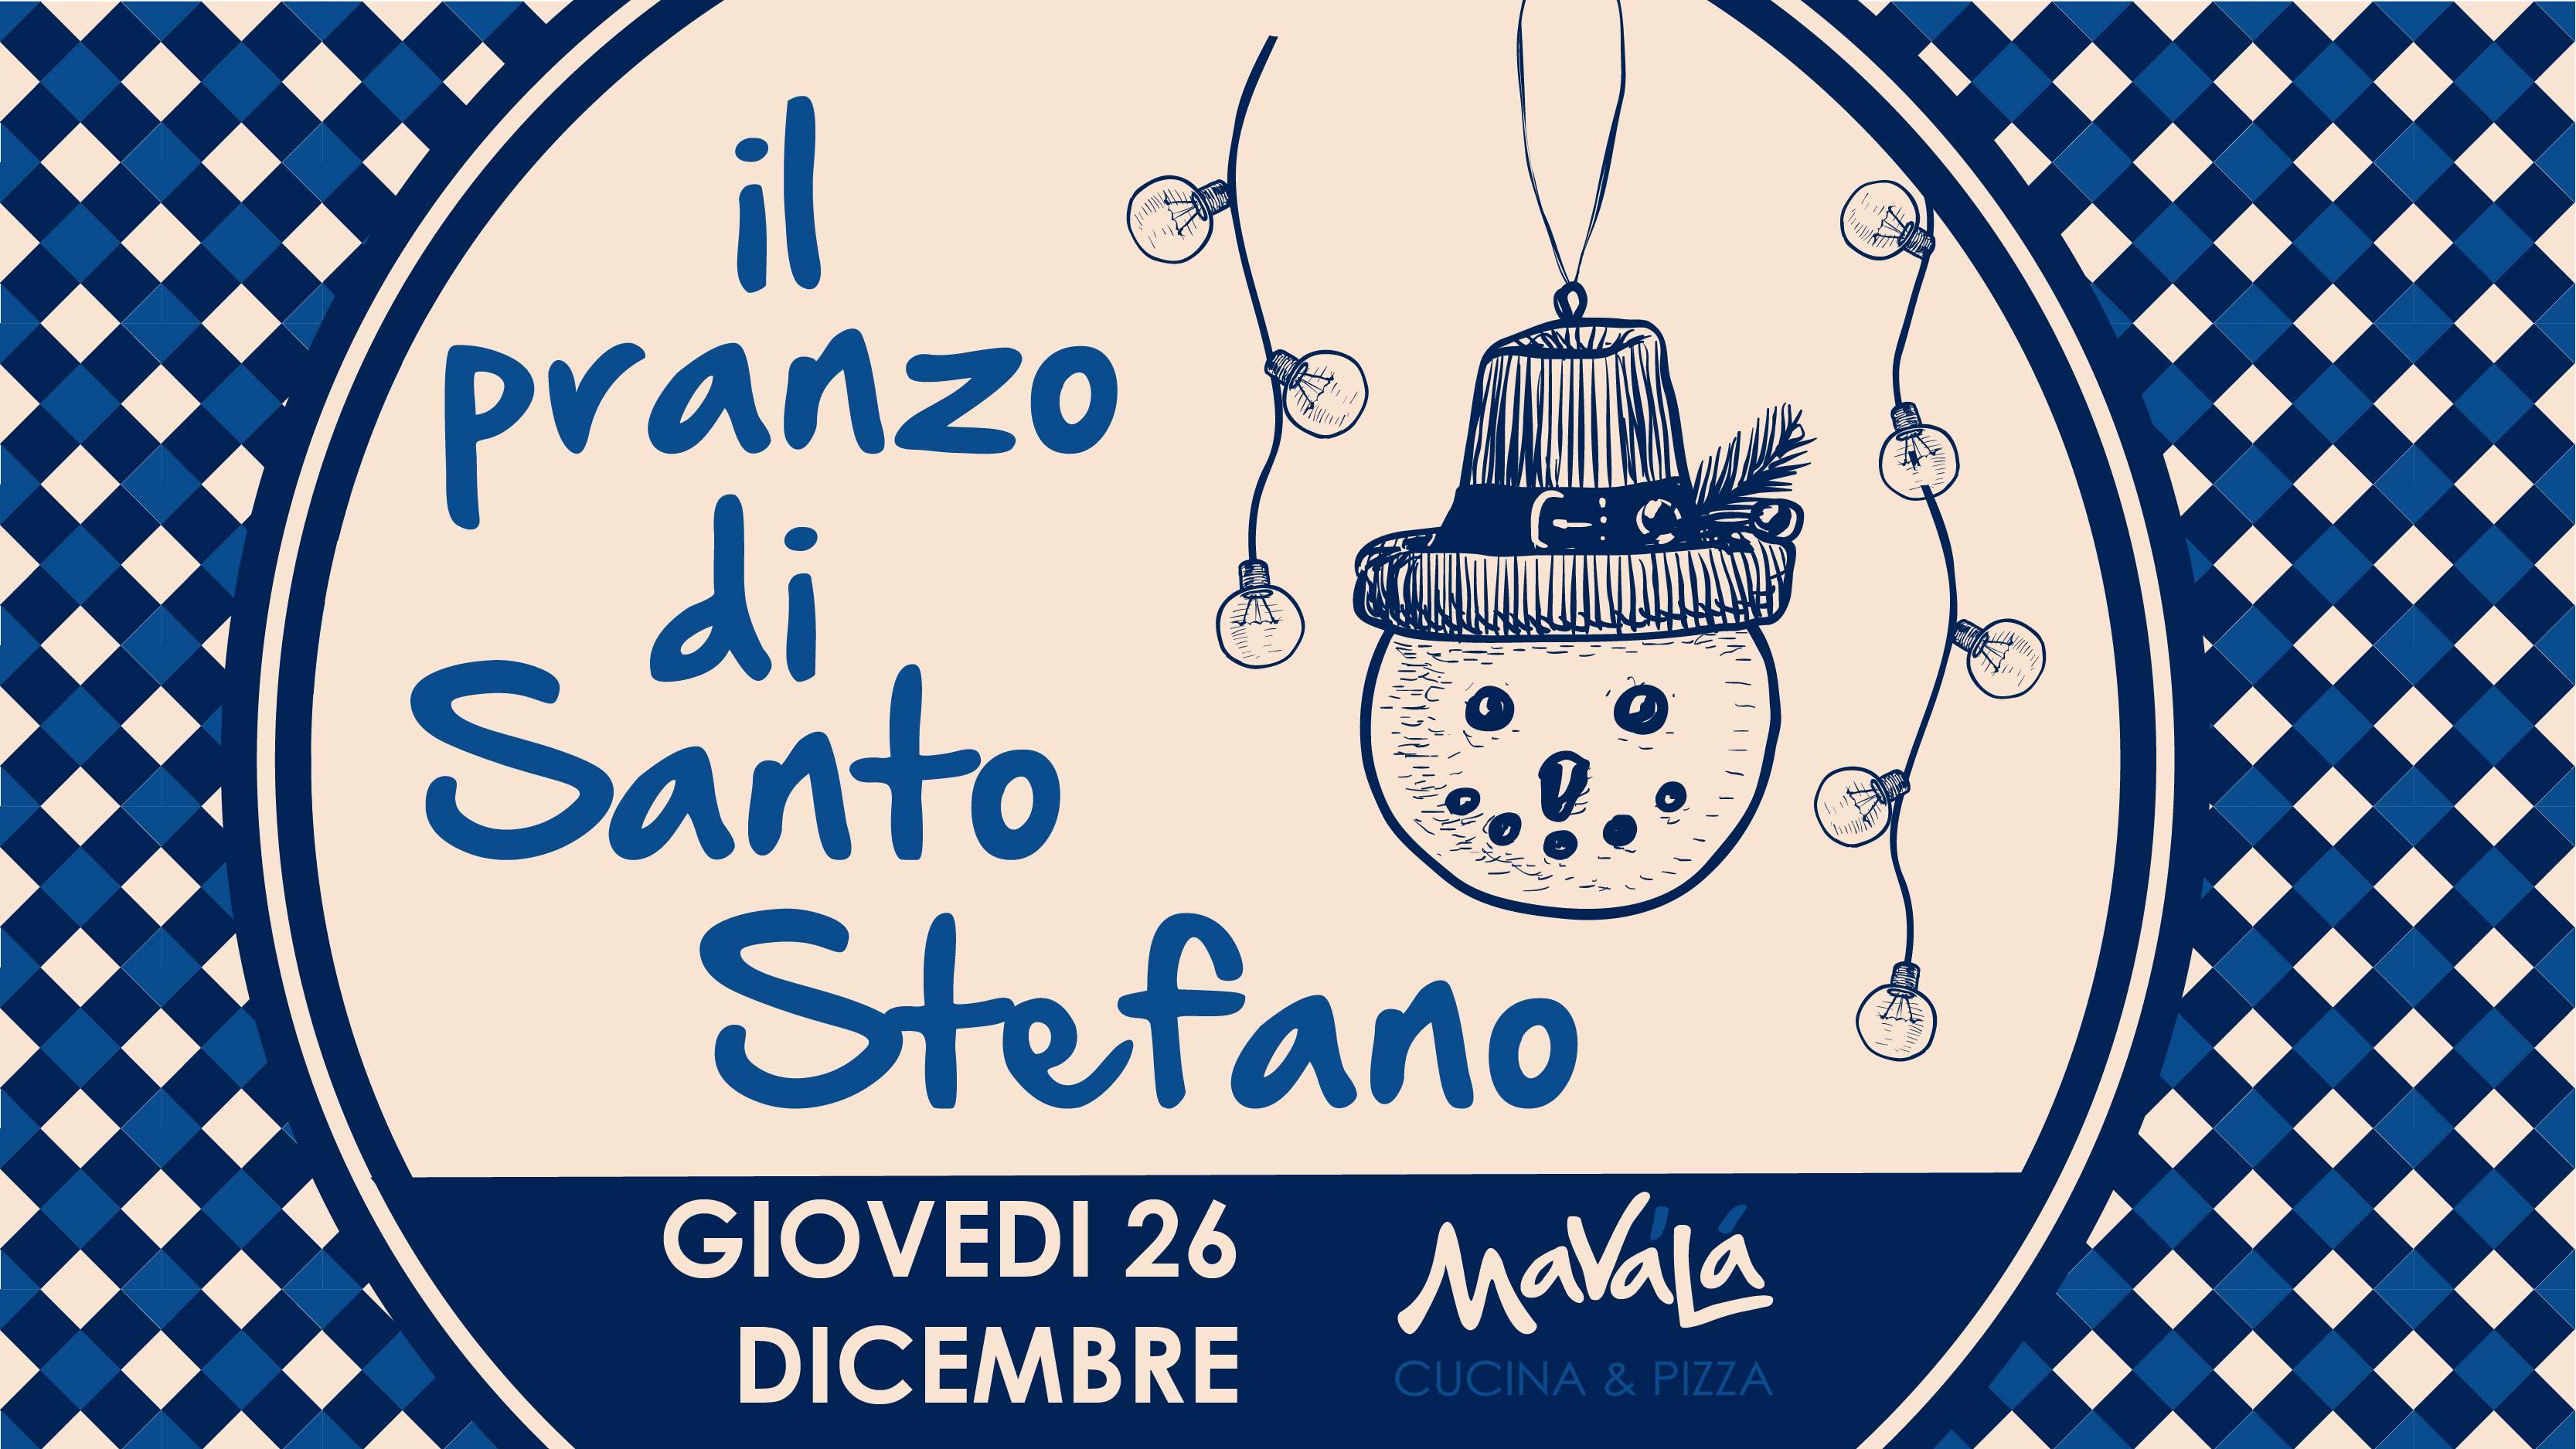 MAVALA_LOCANDINE_DICEMBRE_26_SANTO_STEFANO-04